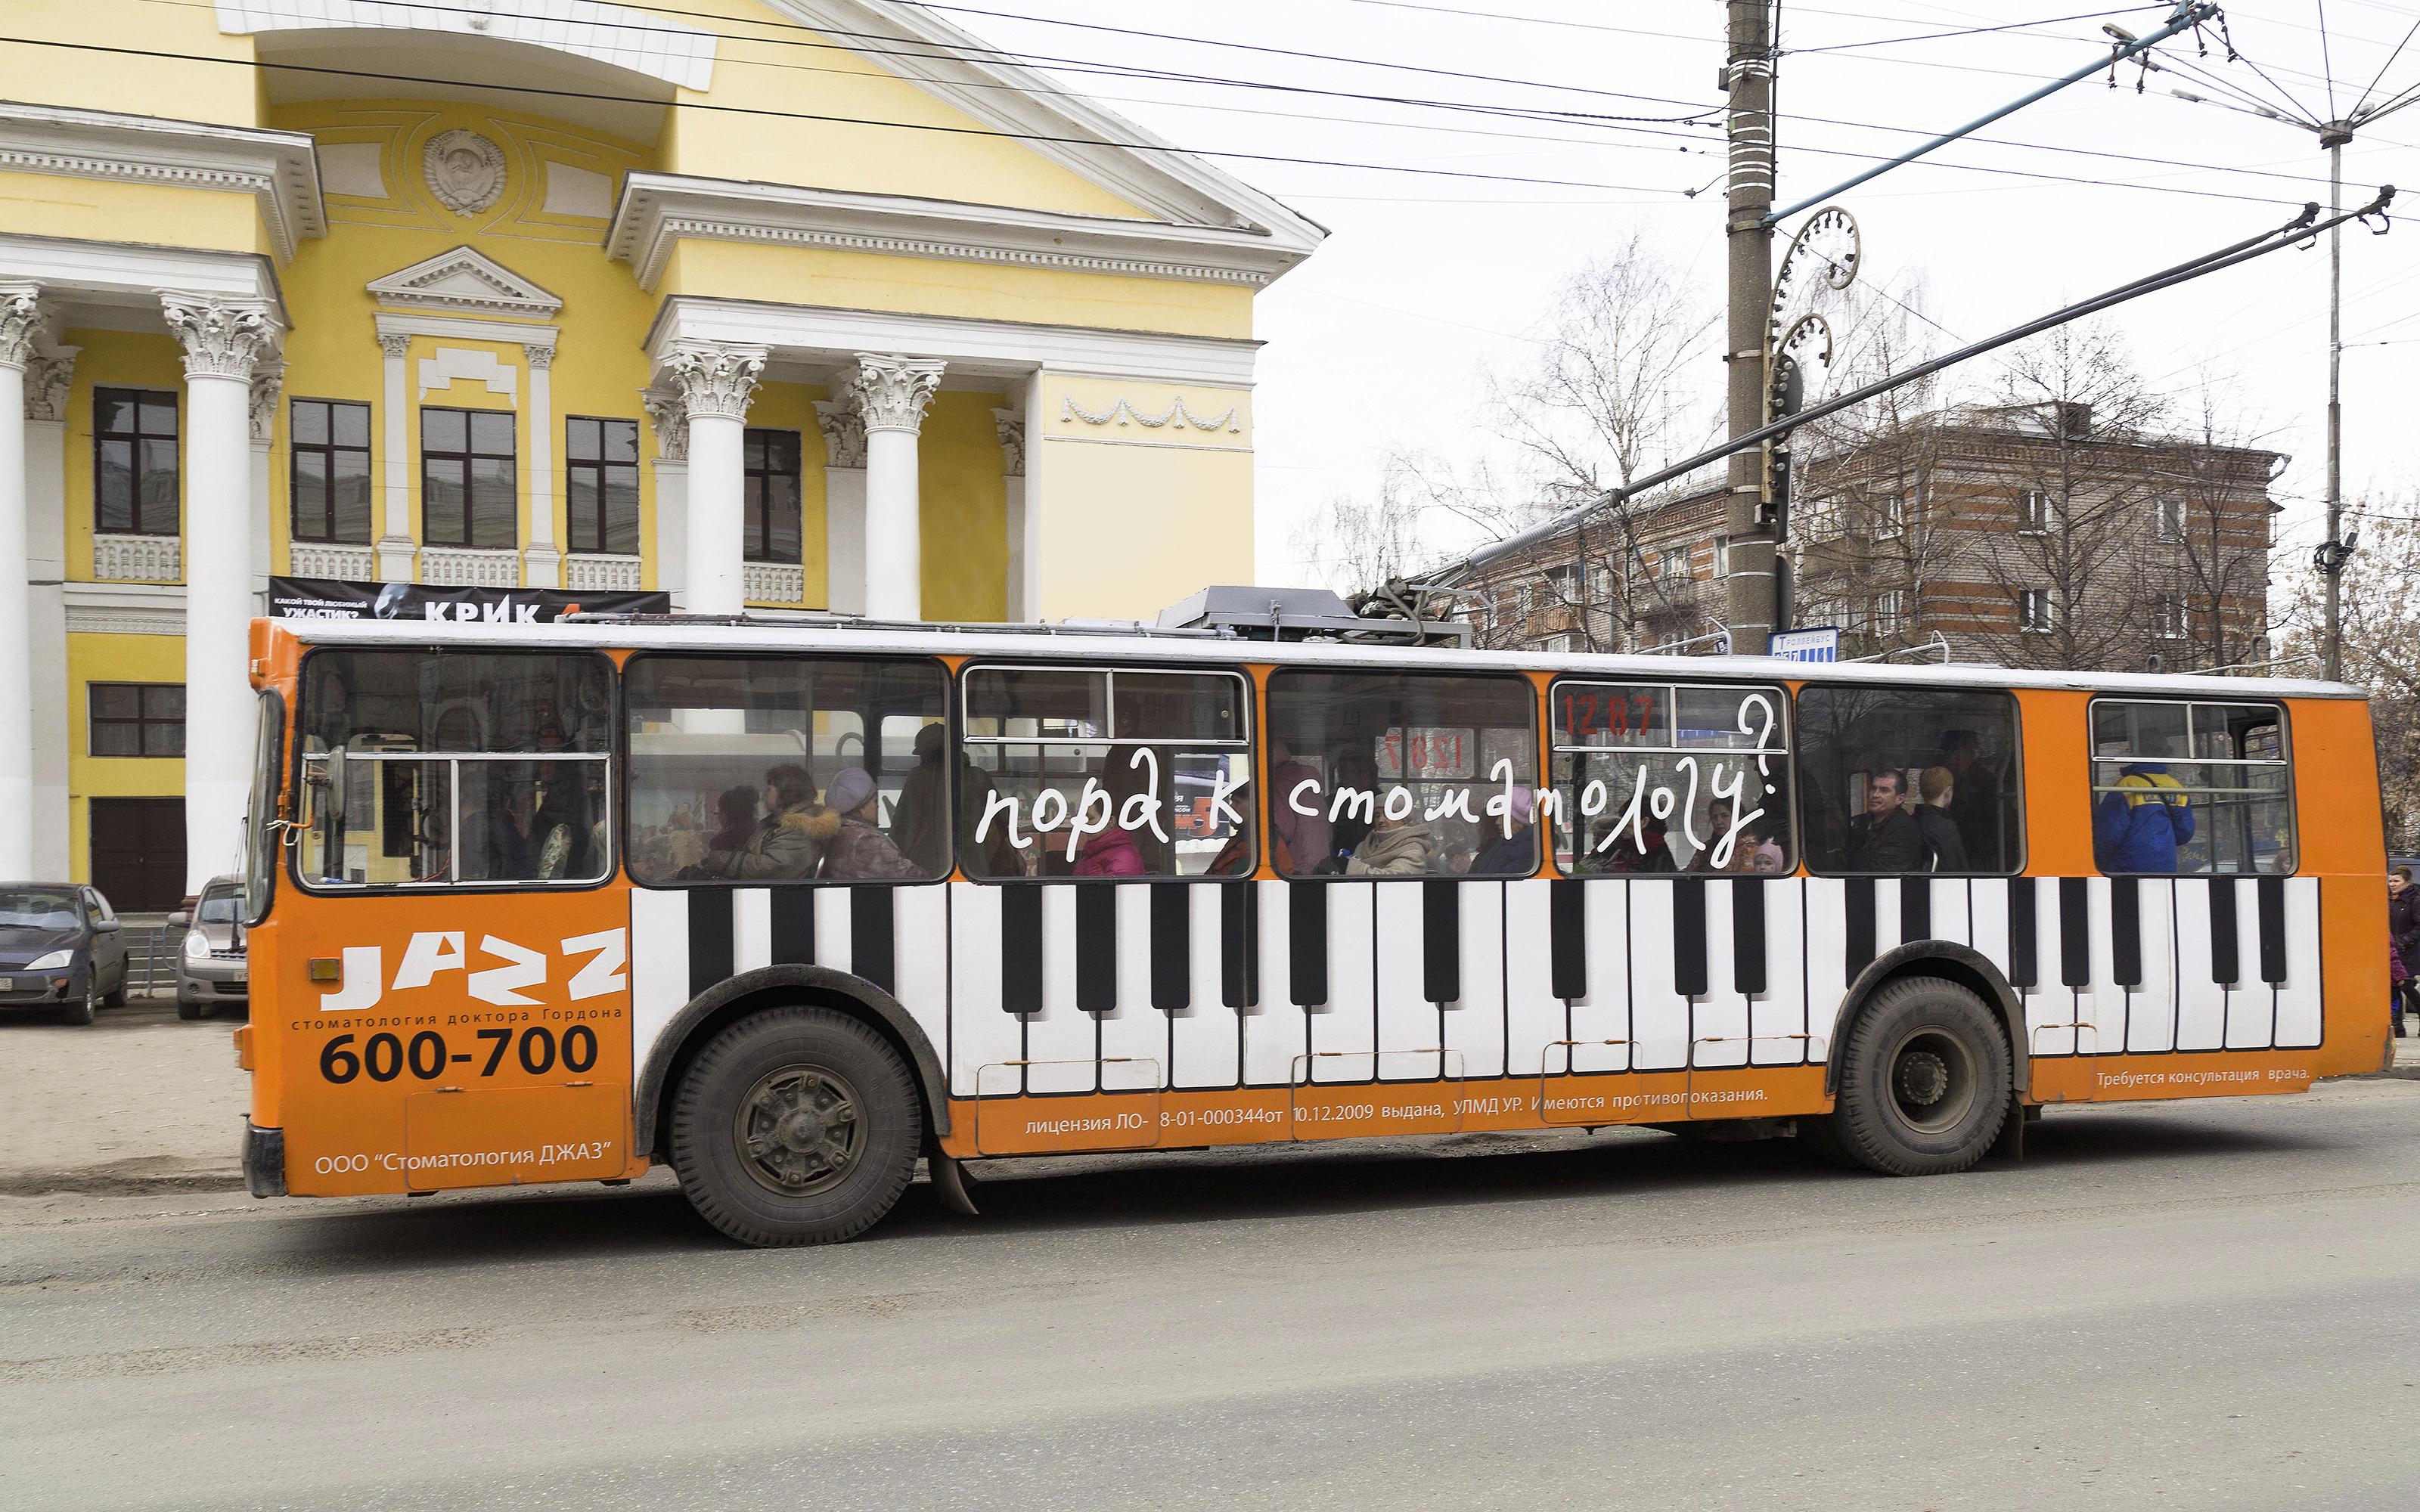 Рекламная компания – фирменный троллейбус/автобус/трамвай - в фирменном стиле сети стоматологий JAZZ (Джаз) от агентства Мухина Дизайн (Muhina Design)